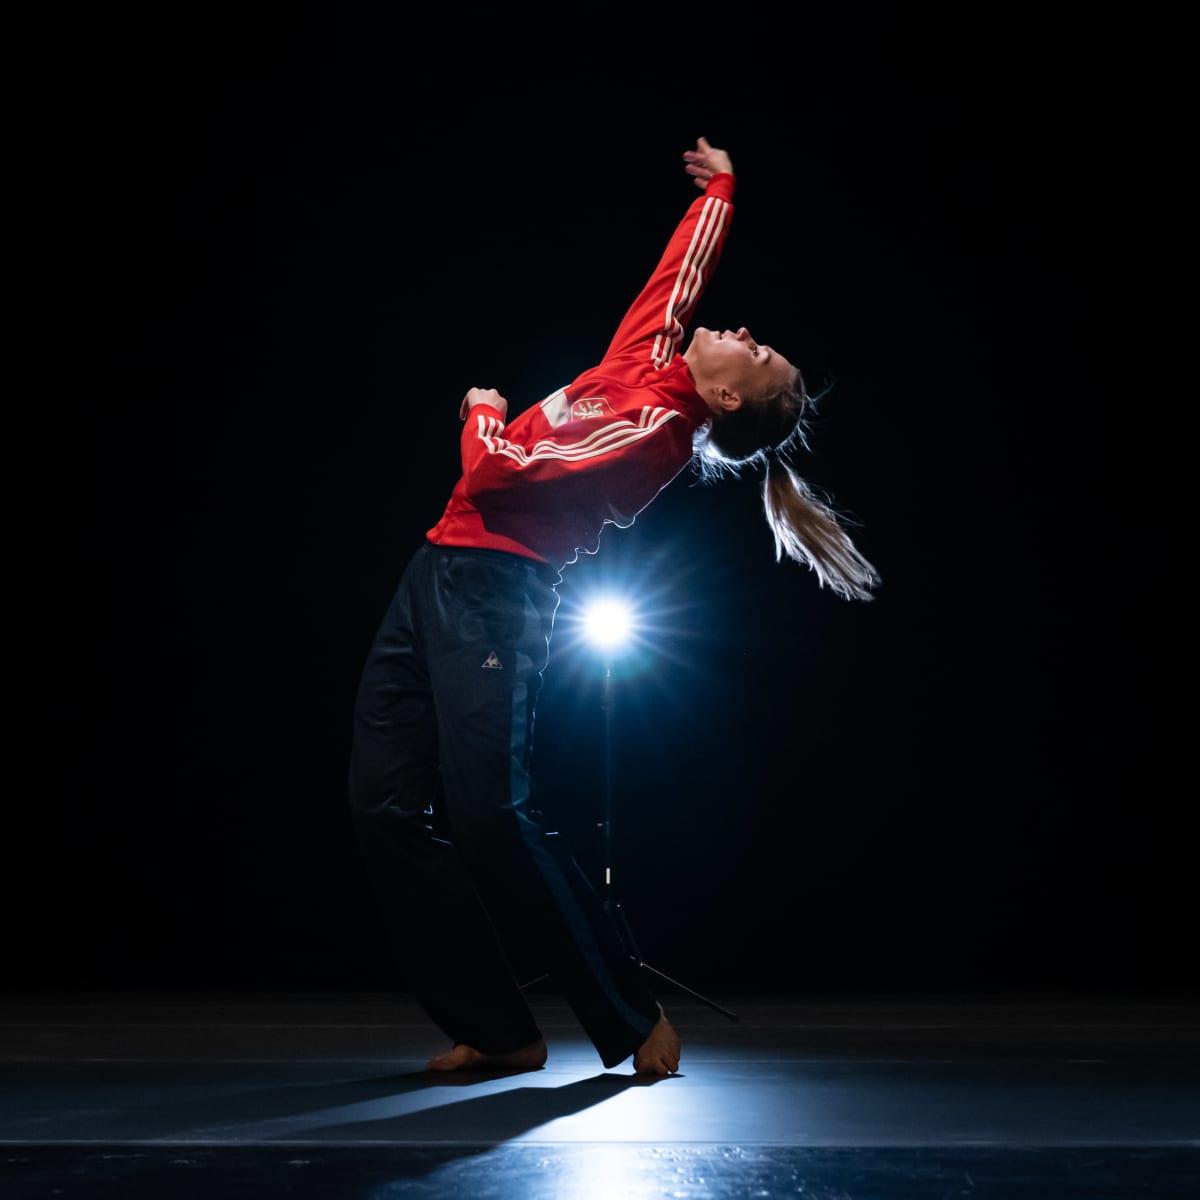 Auri Ahola tanssitreeneissä.